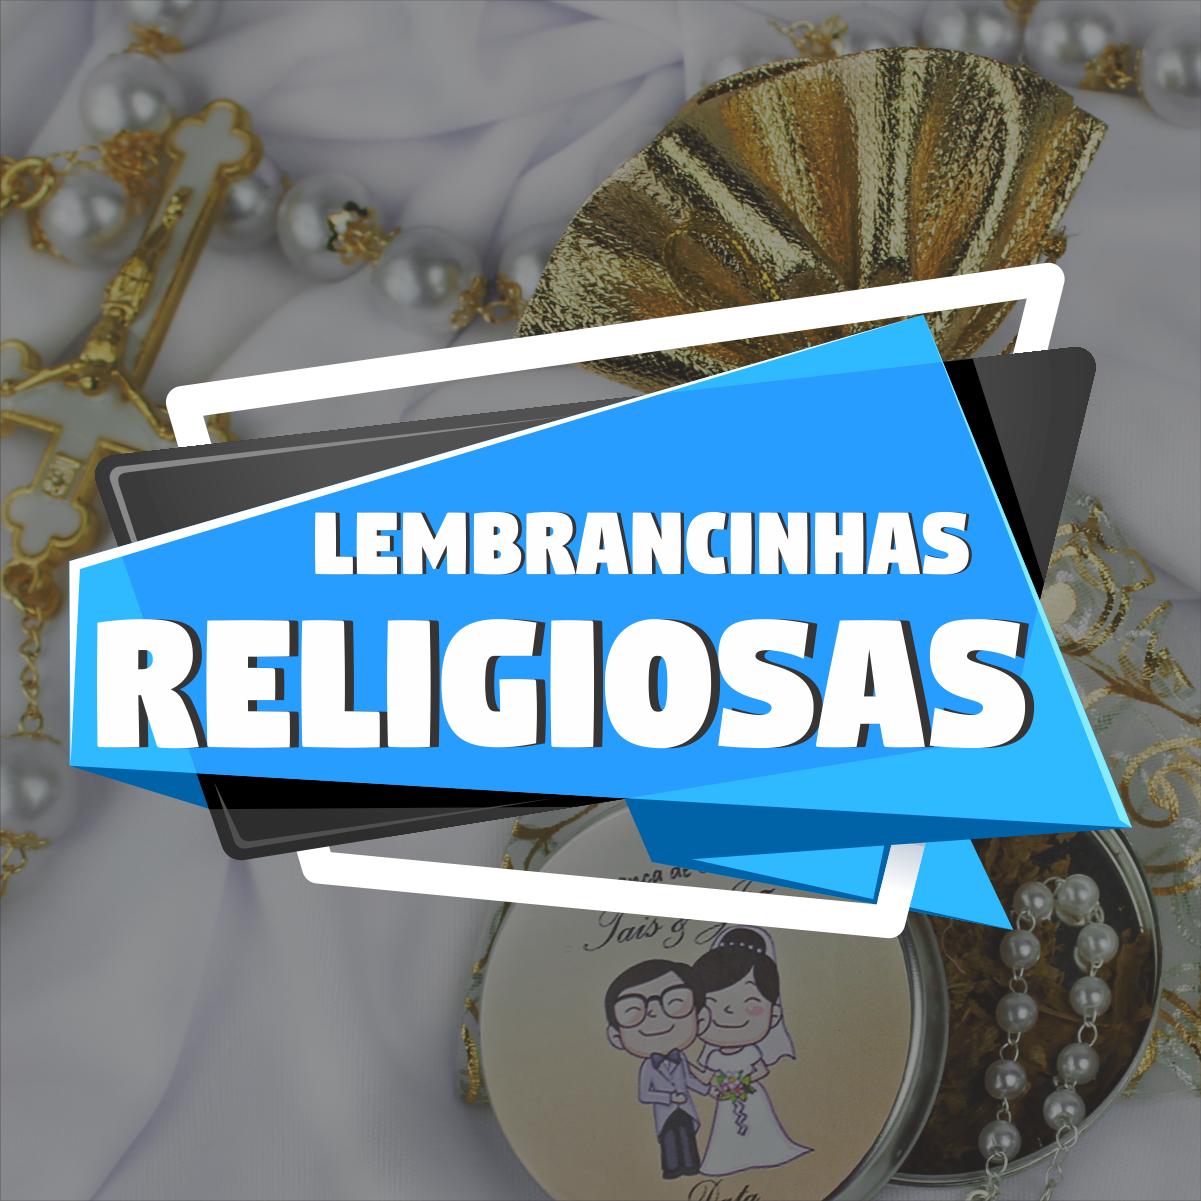 Lembrancinhas Religiosas